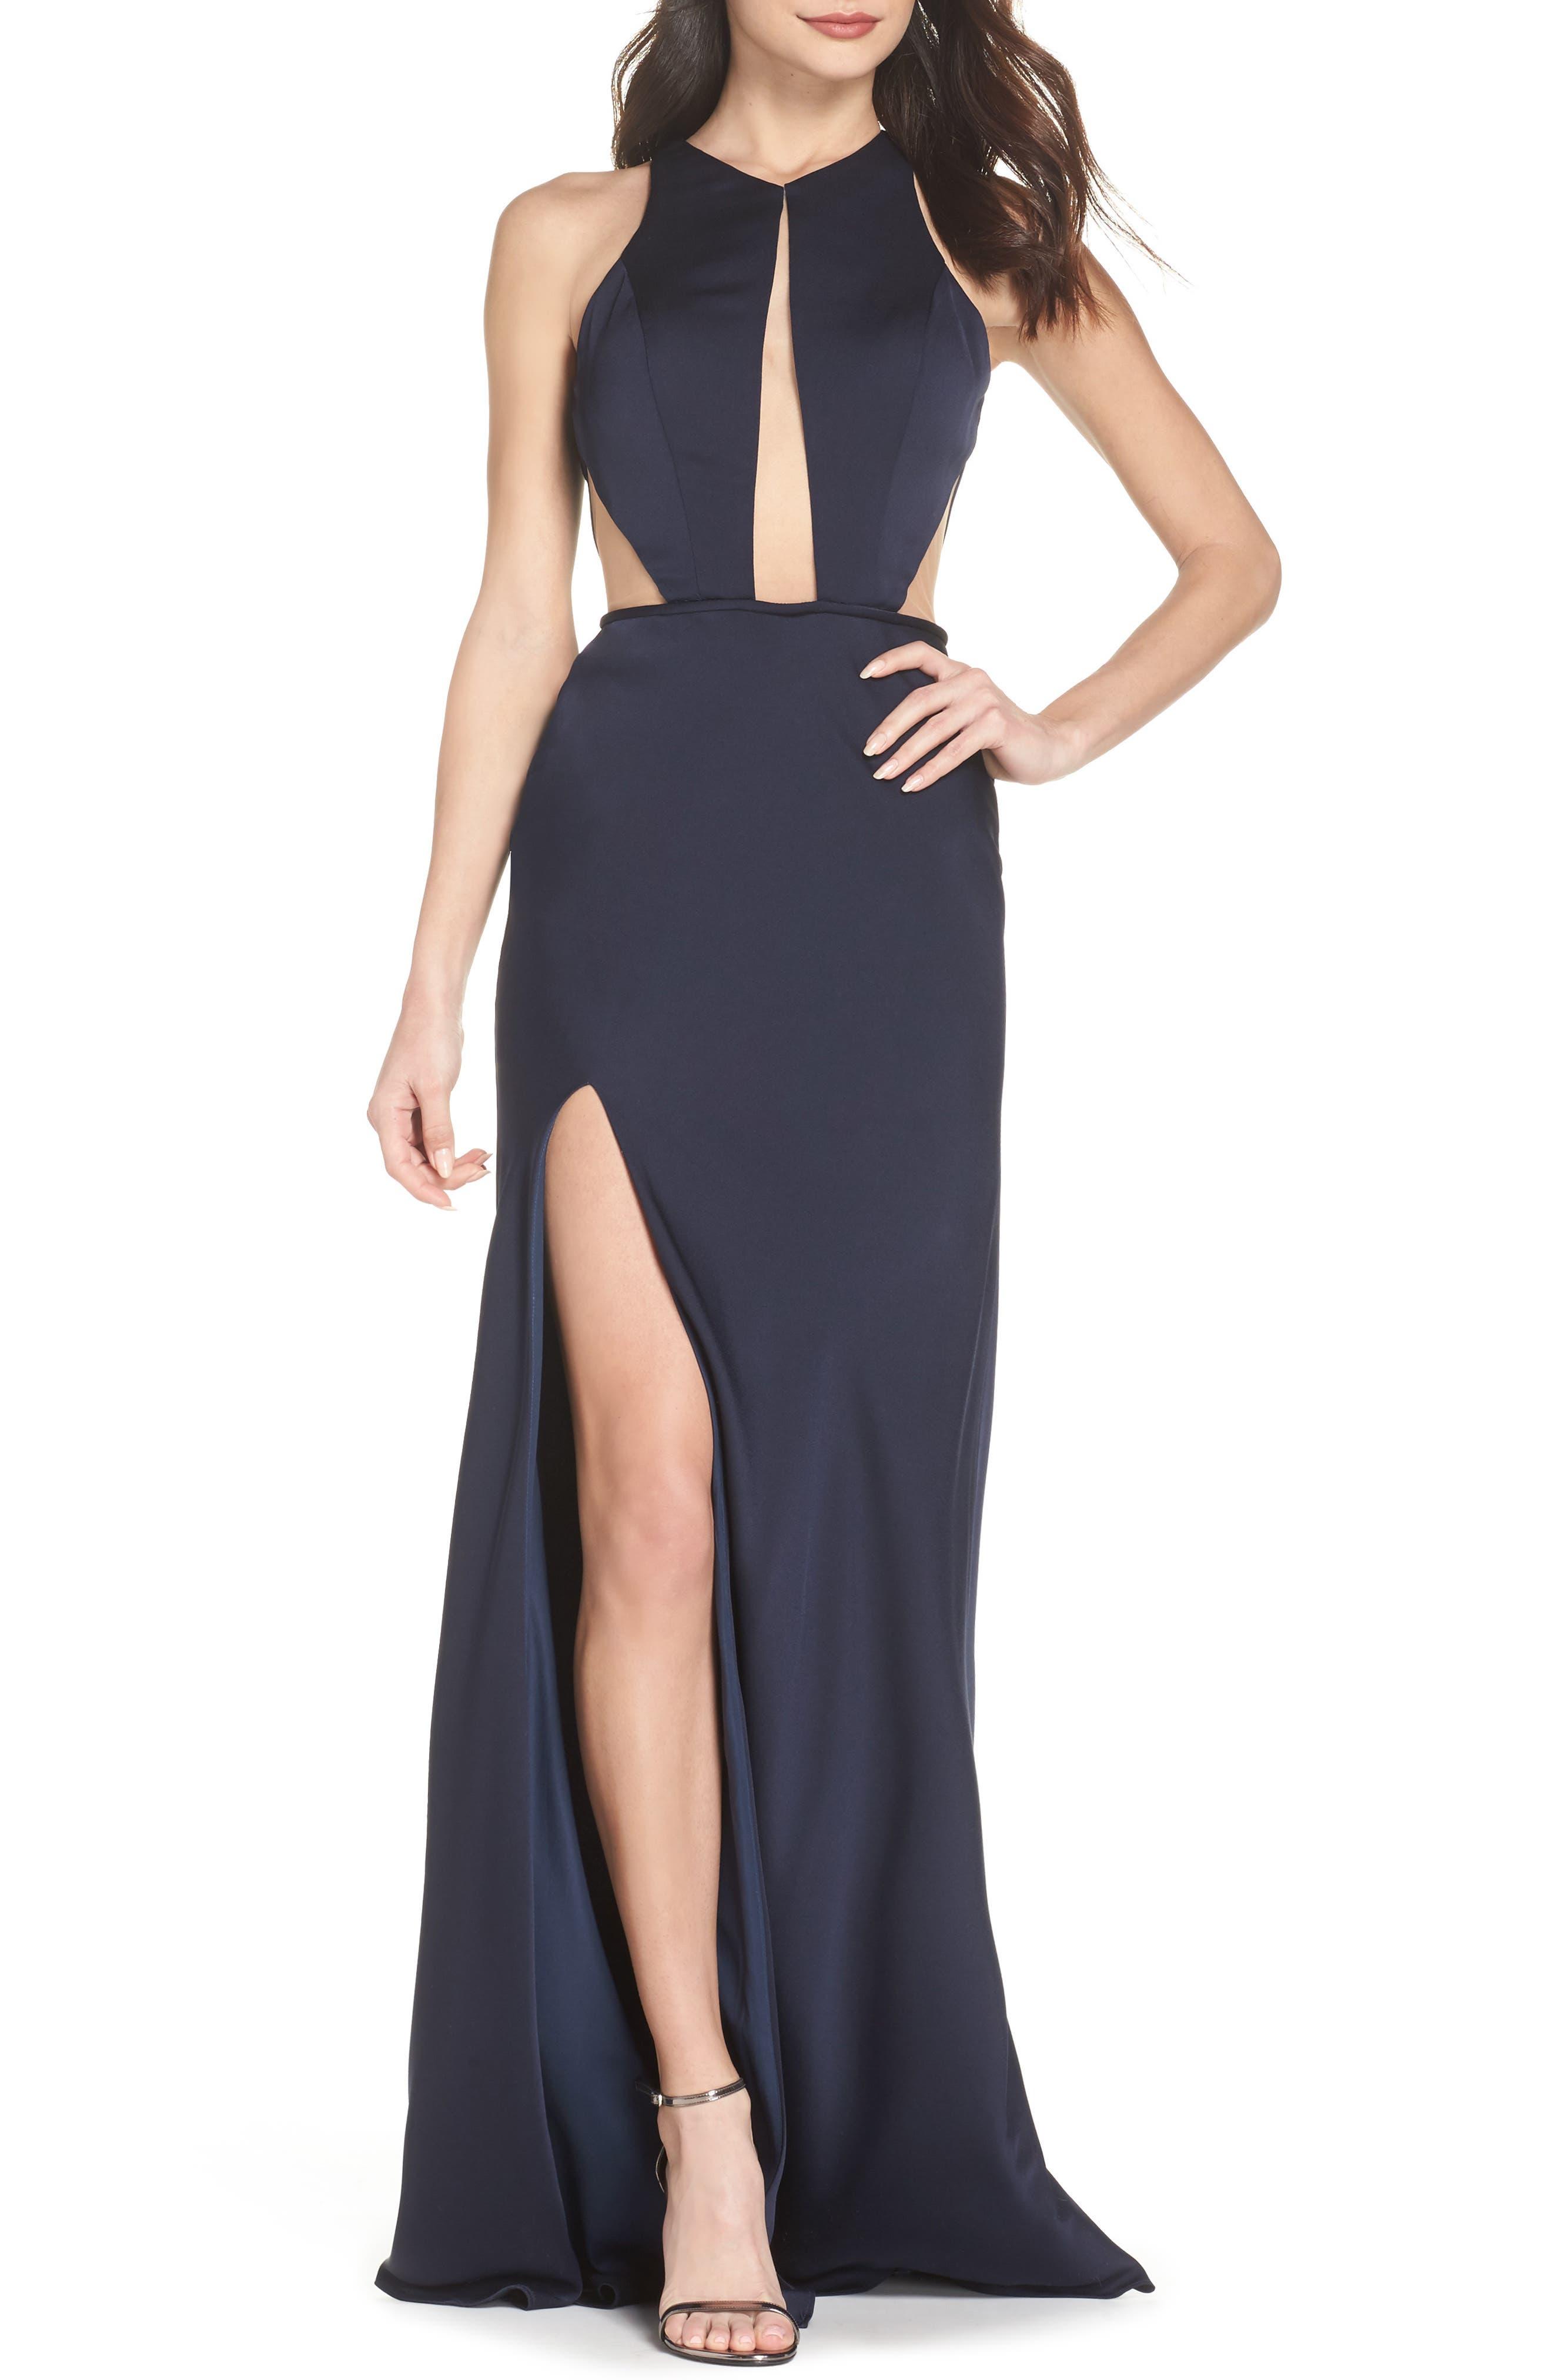 Alternate Image 1 Selected - La Femme Cutout Detail Satin Gown